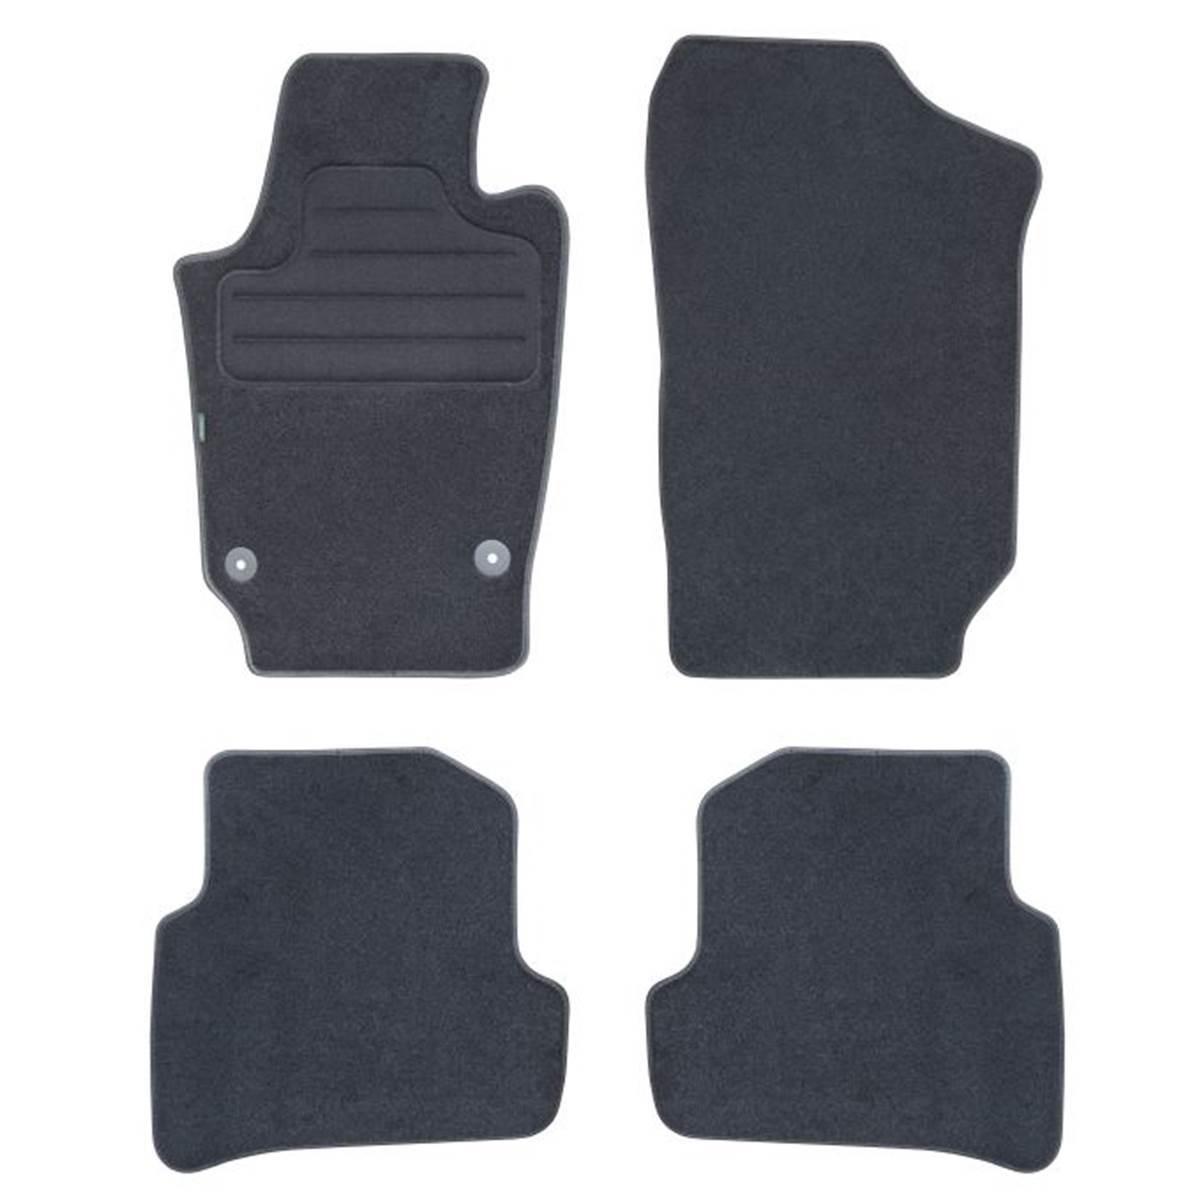 4 tapis de voiture moquette pour volkswagen polo version 5 feu vert. Black Bedroom Furniture Sets. Home Design Ideas